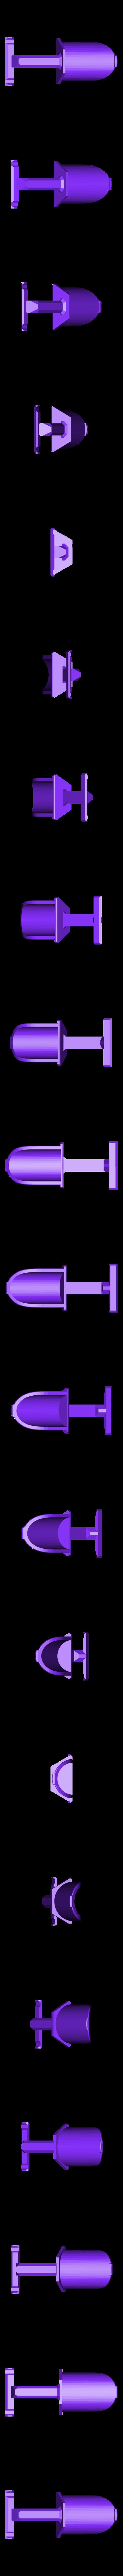 SPOOL HOLDER.stl Télécharger fichier STL gratuit Support Bobine pour DiscoEasy 200 • Plan pour impression 3D, Ovocom